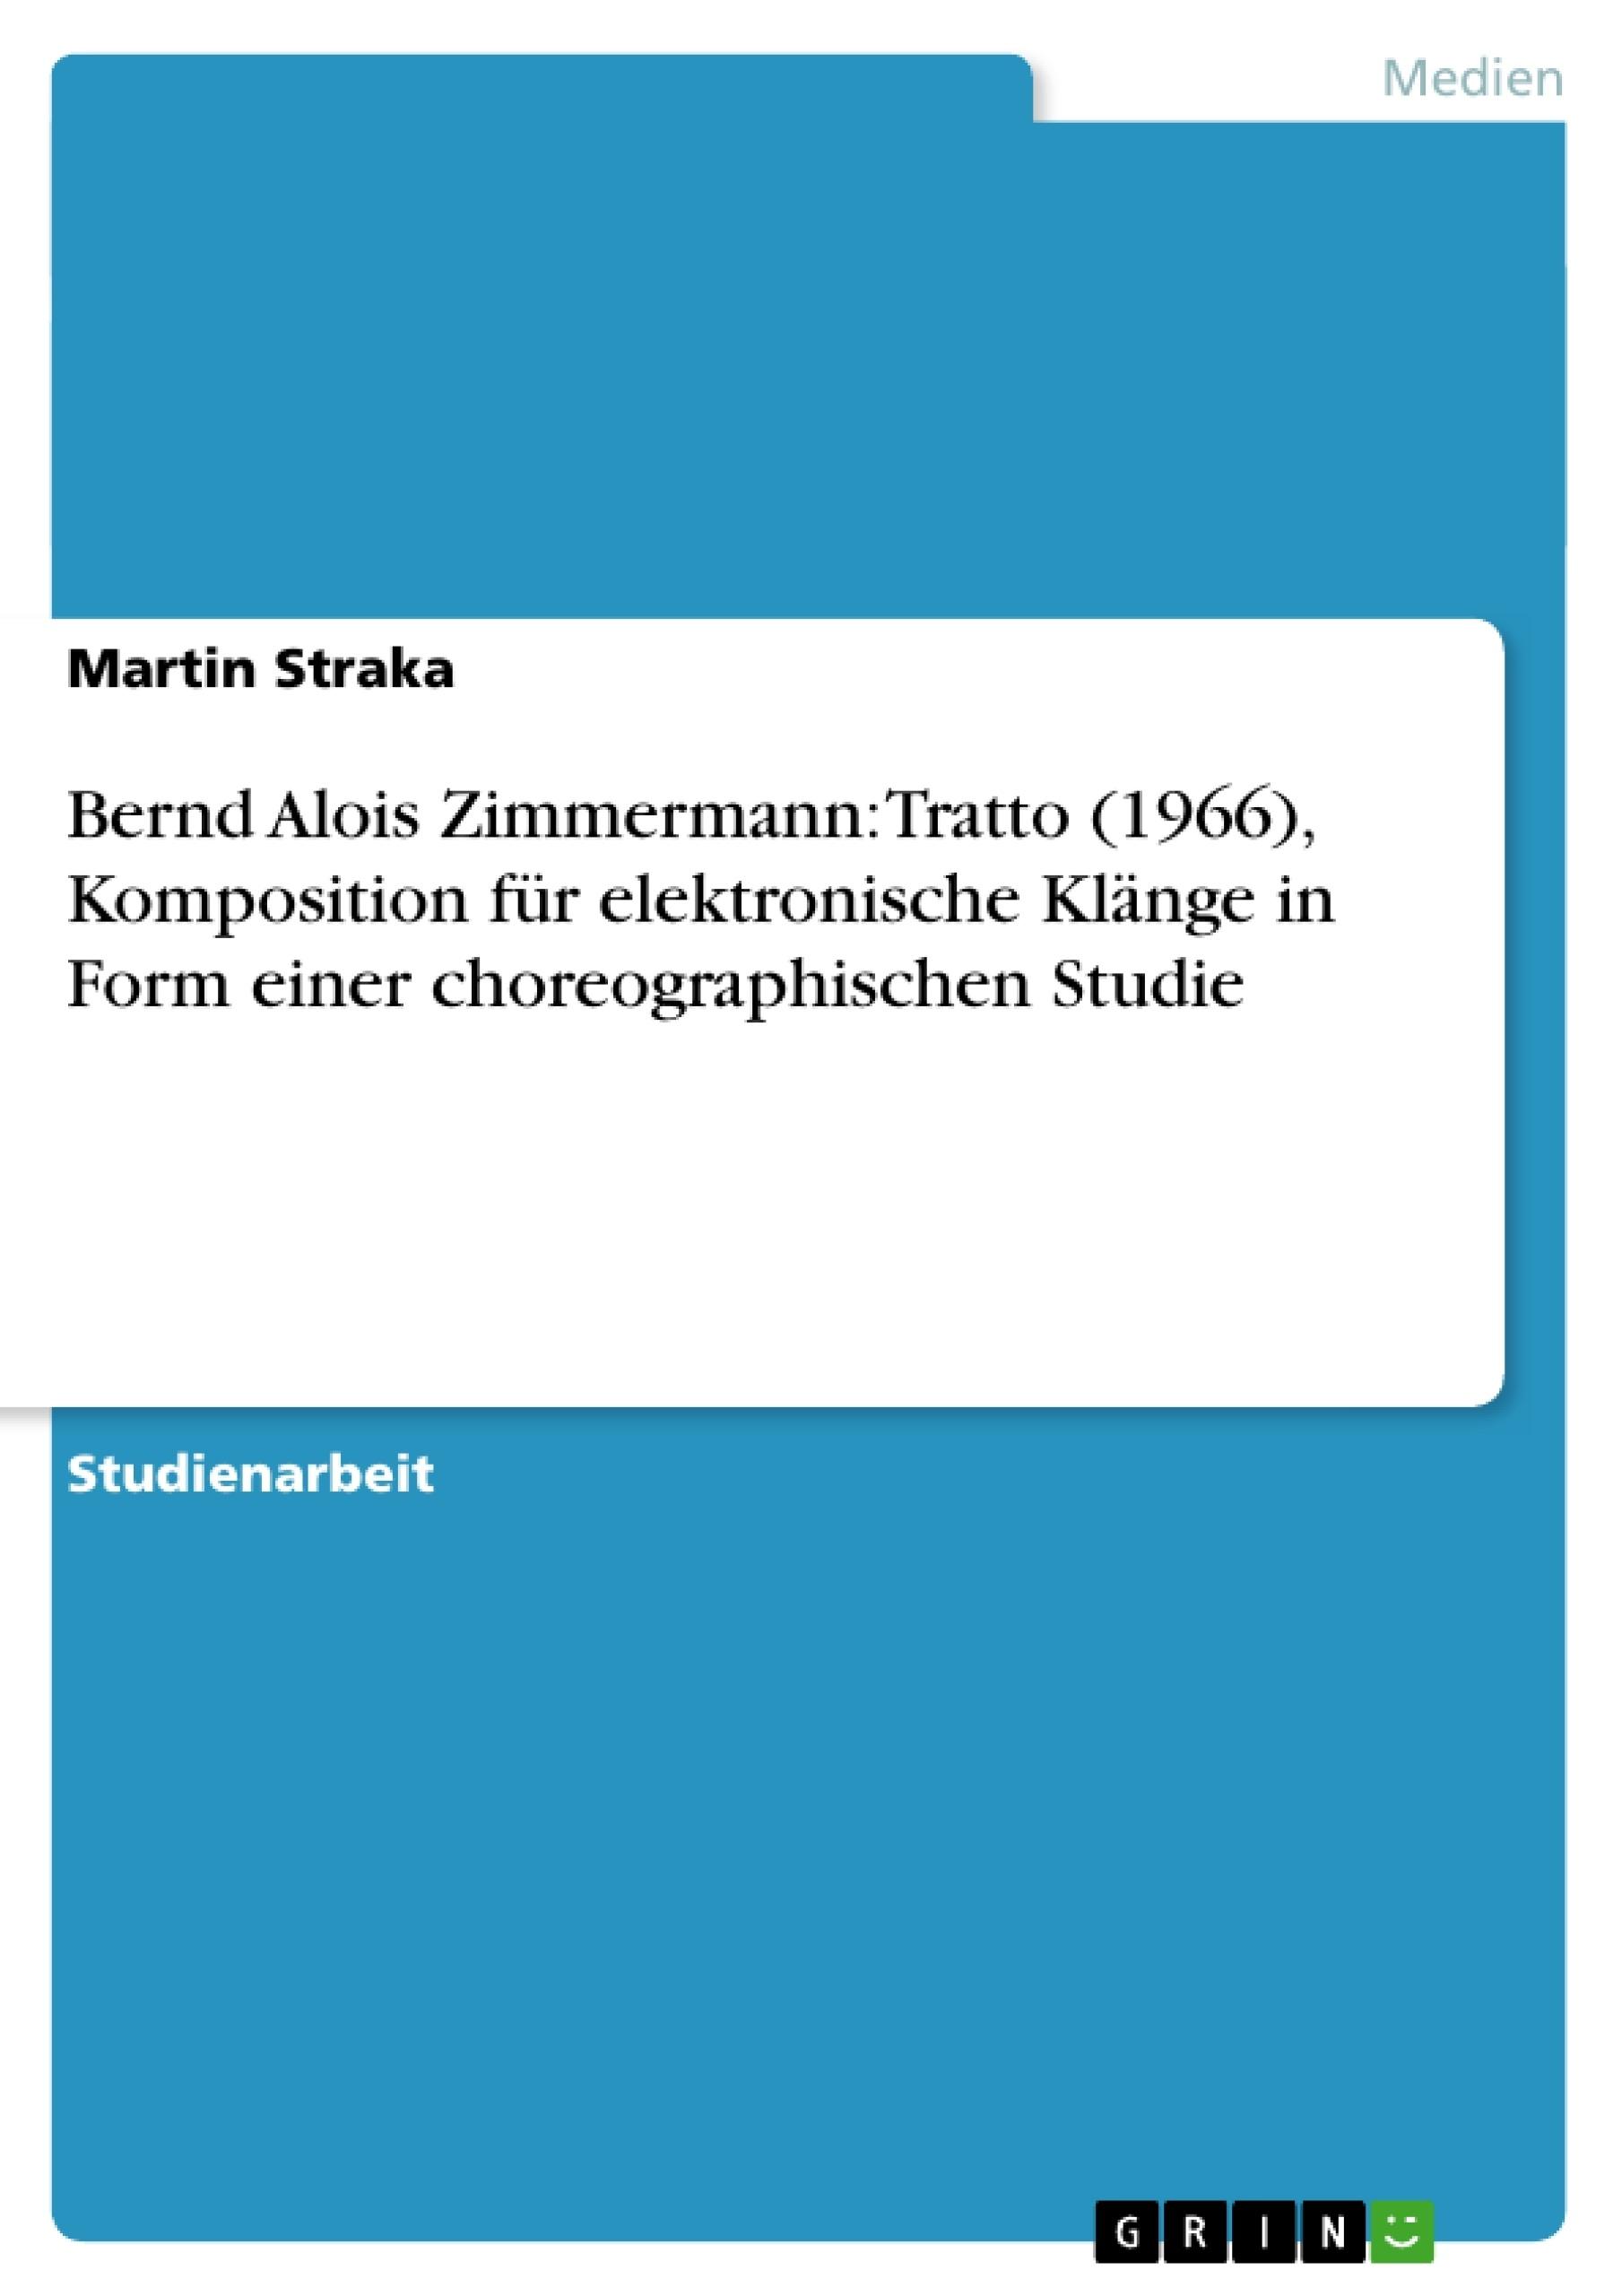 Titel: Bernd Alois Zimmermann: Tratto (1966), Komposition für elektronische Klänge in Form einer choreographischen Studie